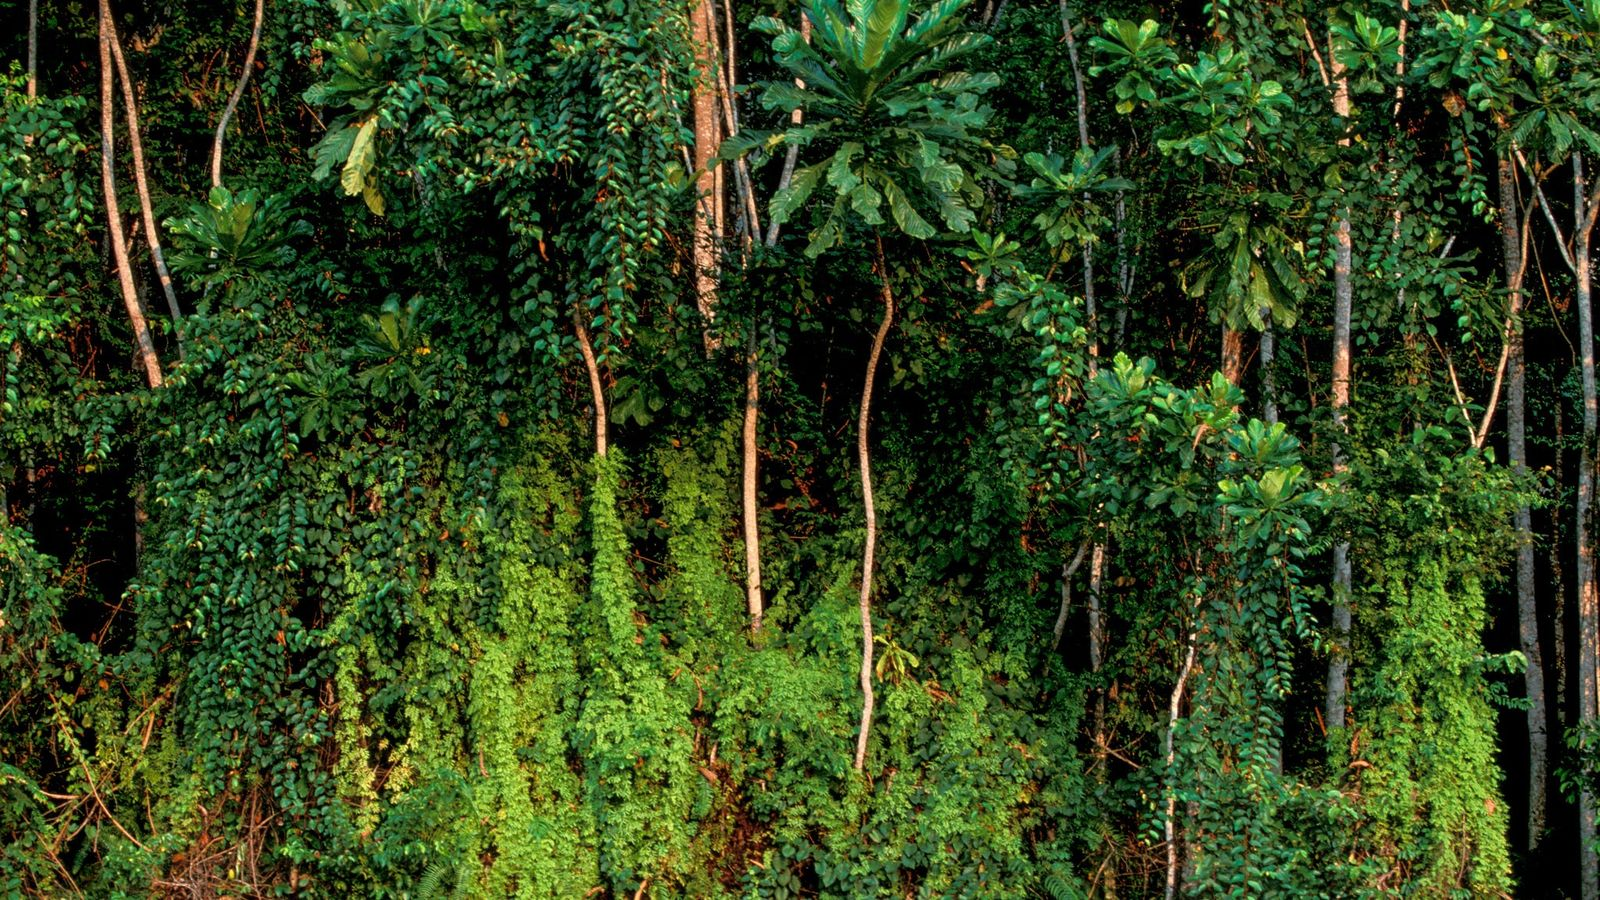 Bäume im Regenwald bei Rabi, Gabun. Gabun hat einen Großteil seines ursprünglichen Regenwaldes erhalten und in ...